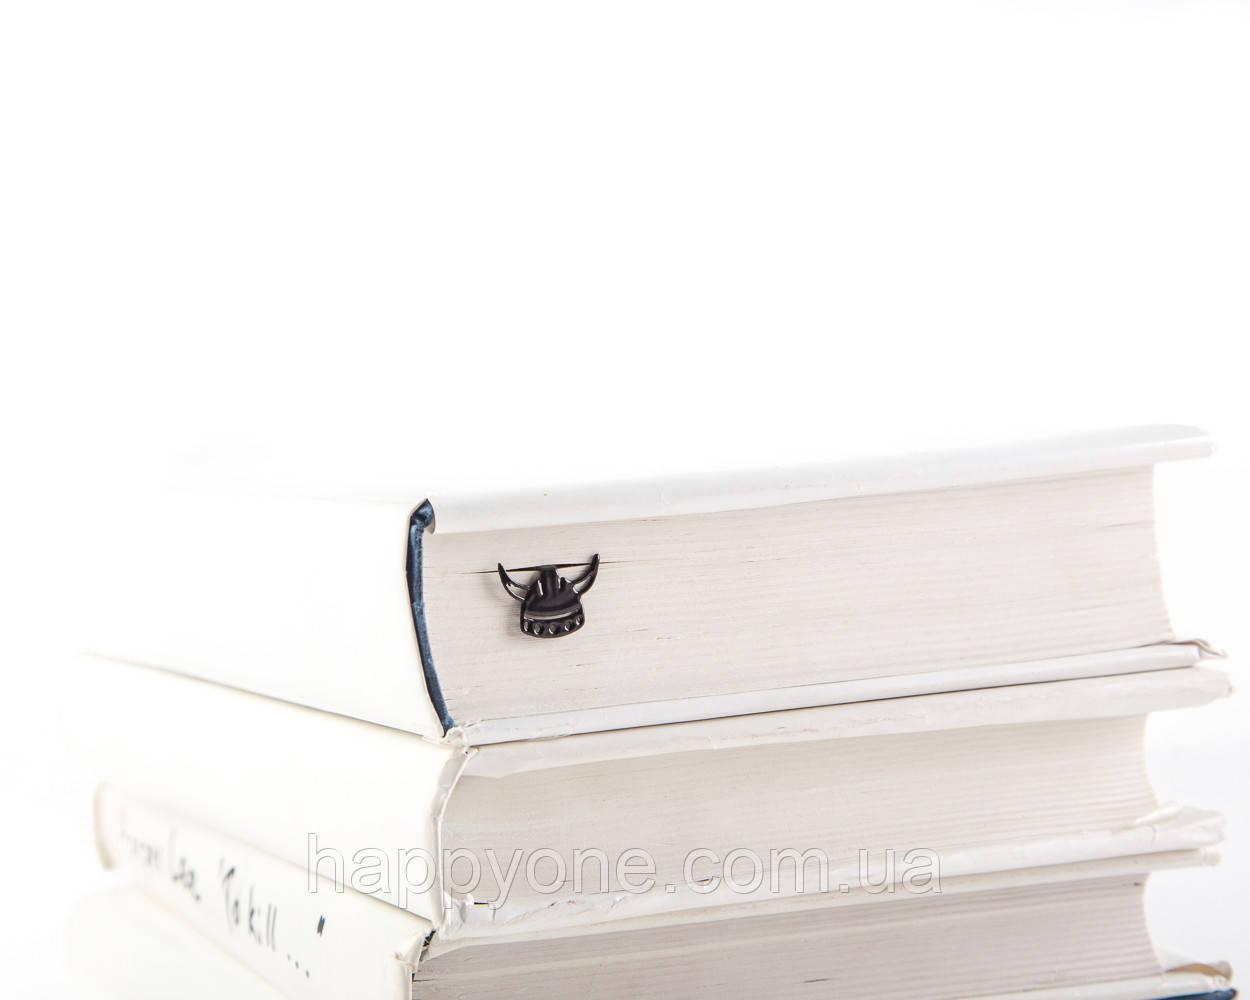 Закладка для книг Шлем Викинга